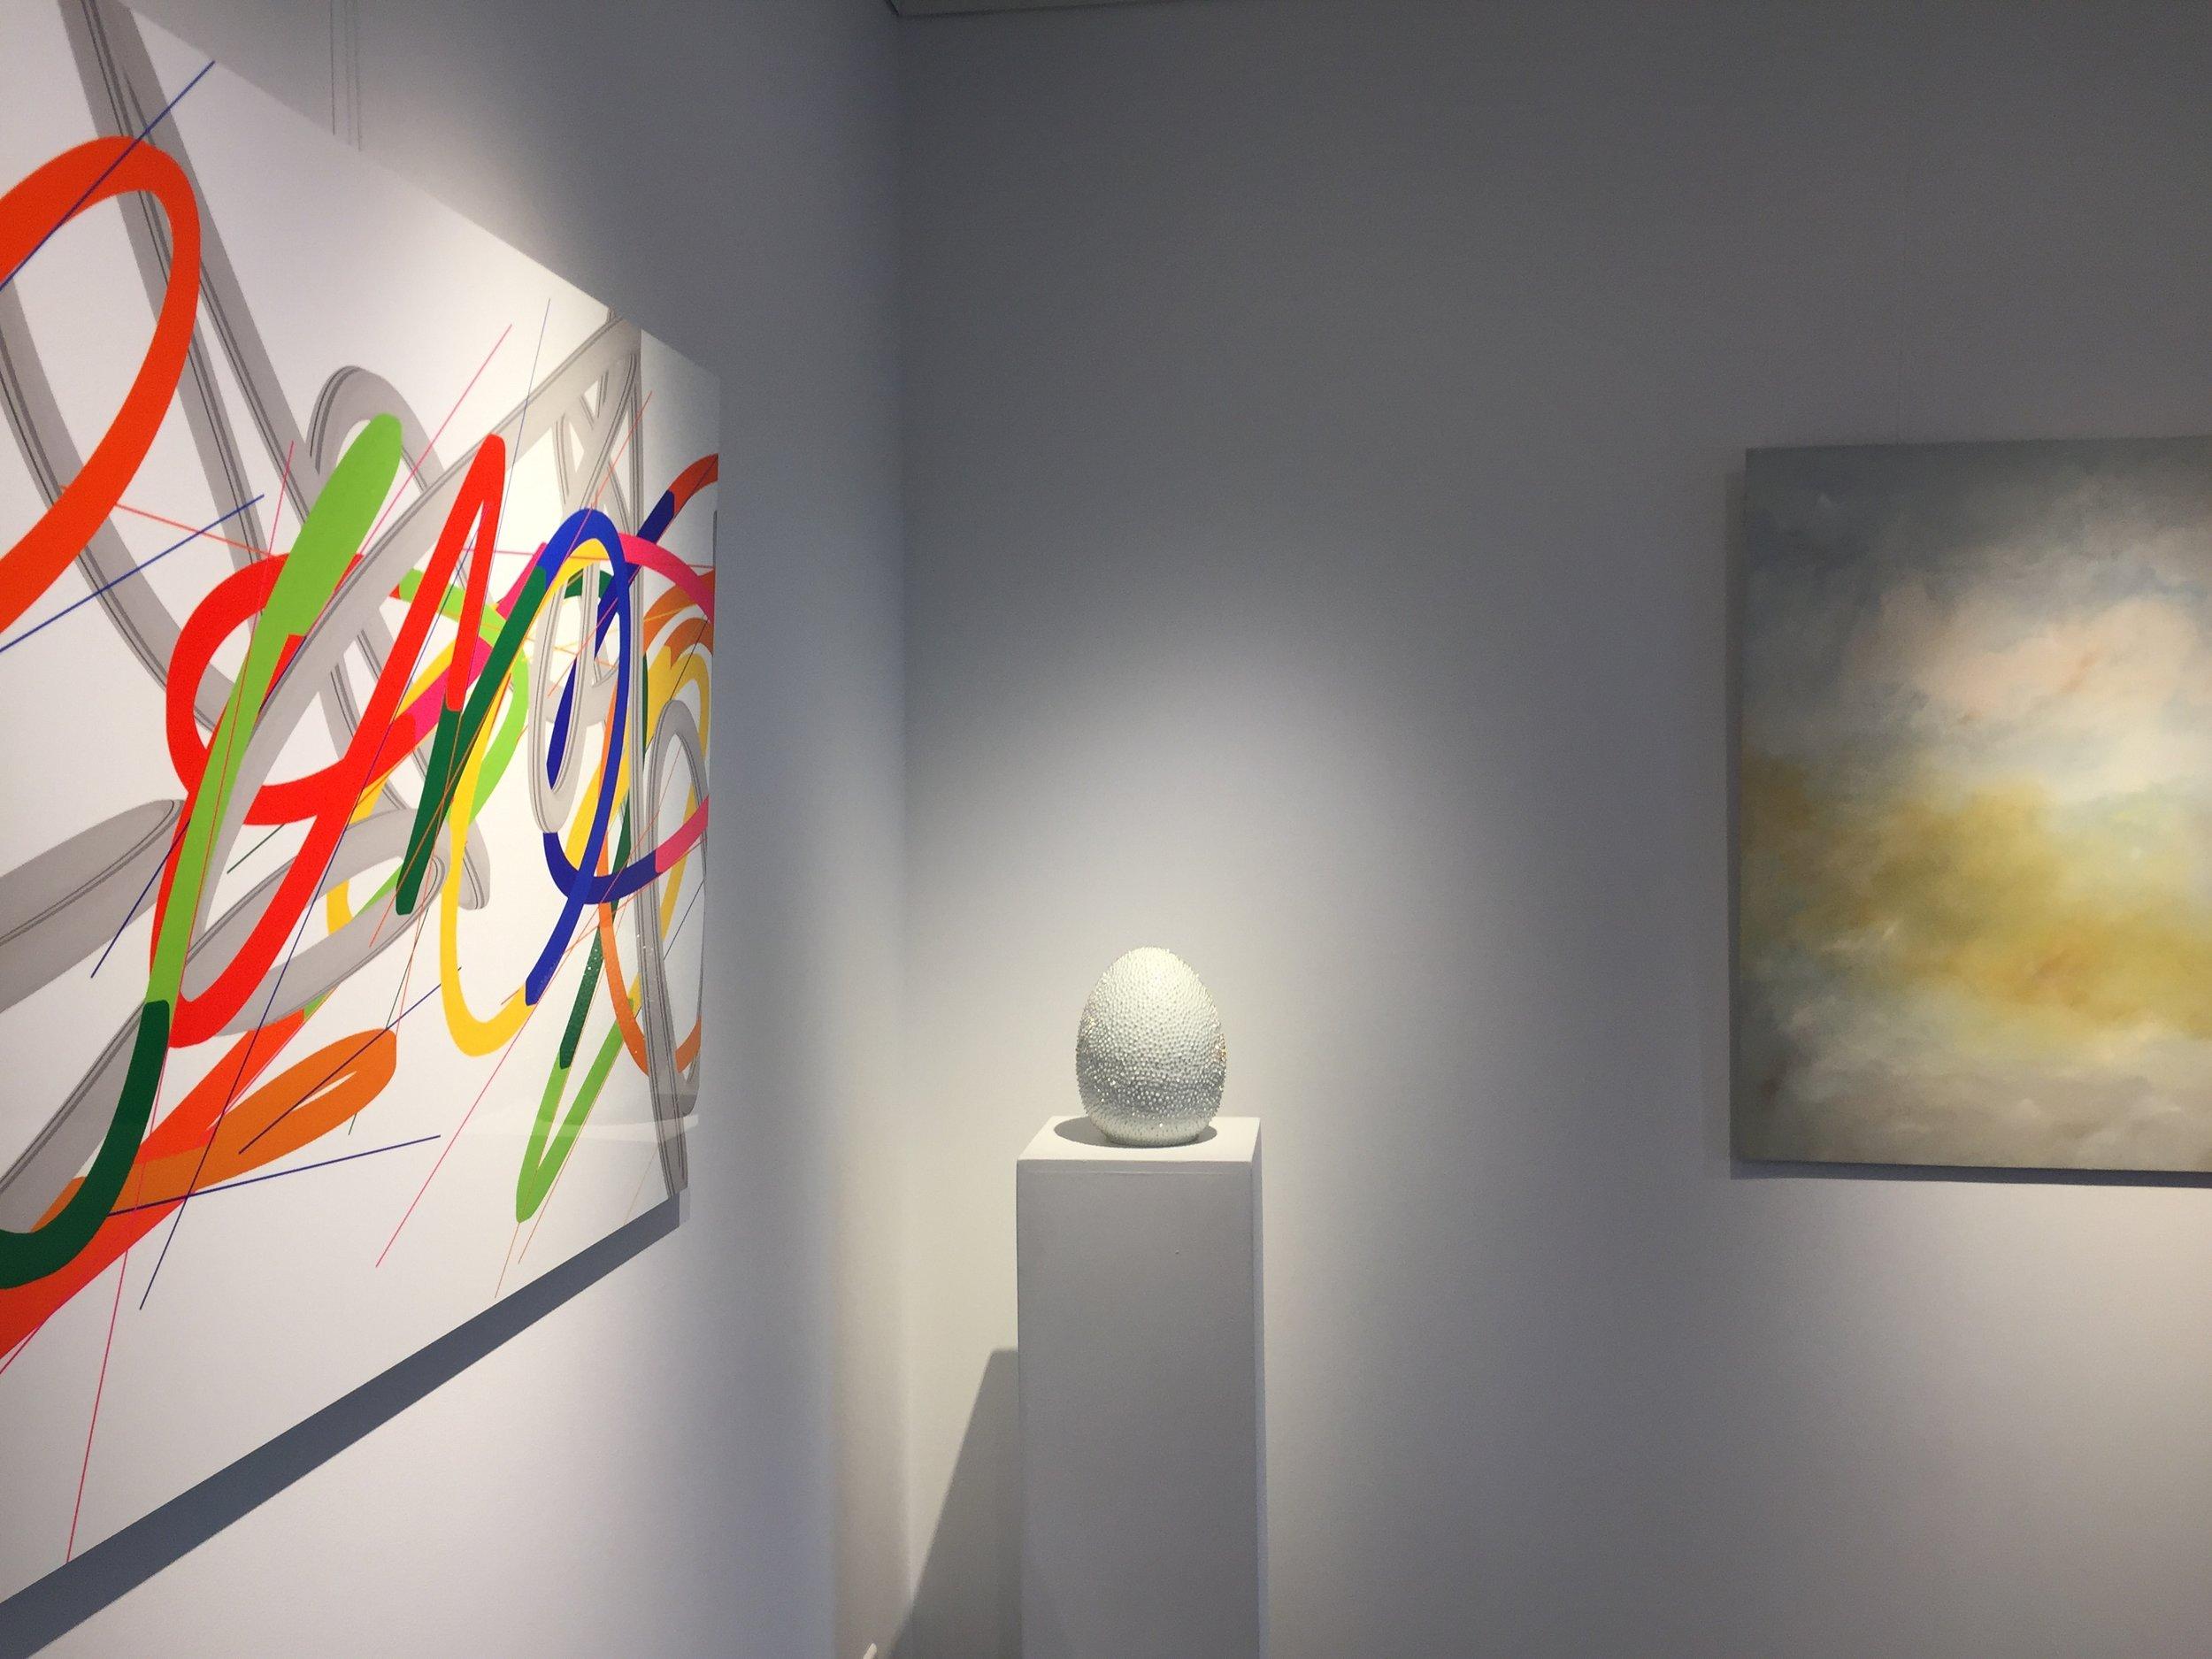 Charles Giulioli, Juliette Clovis, Aude Carré-Sourty